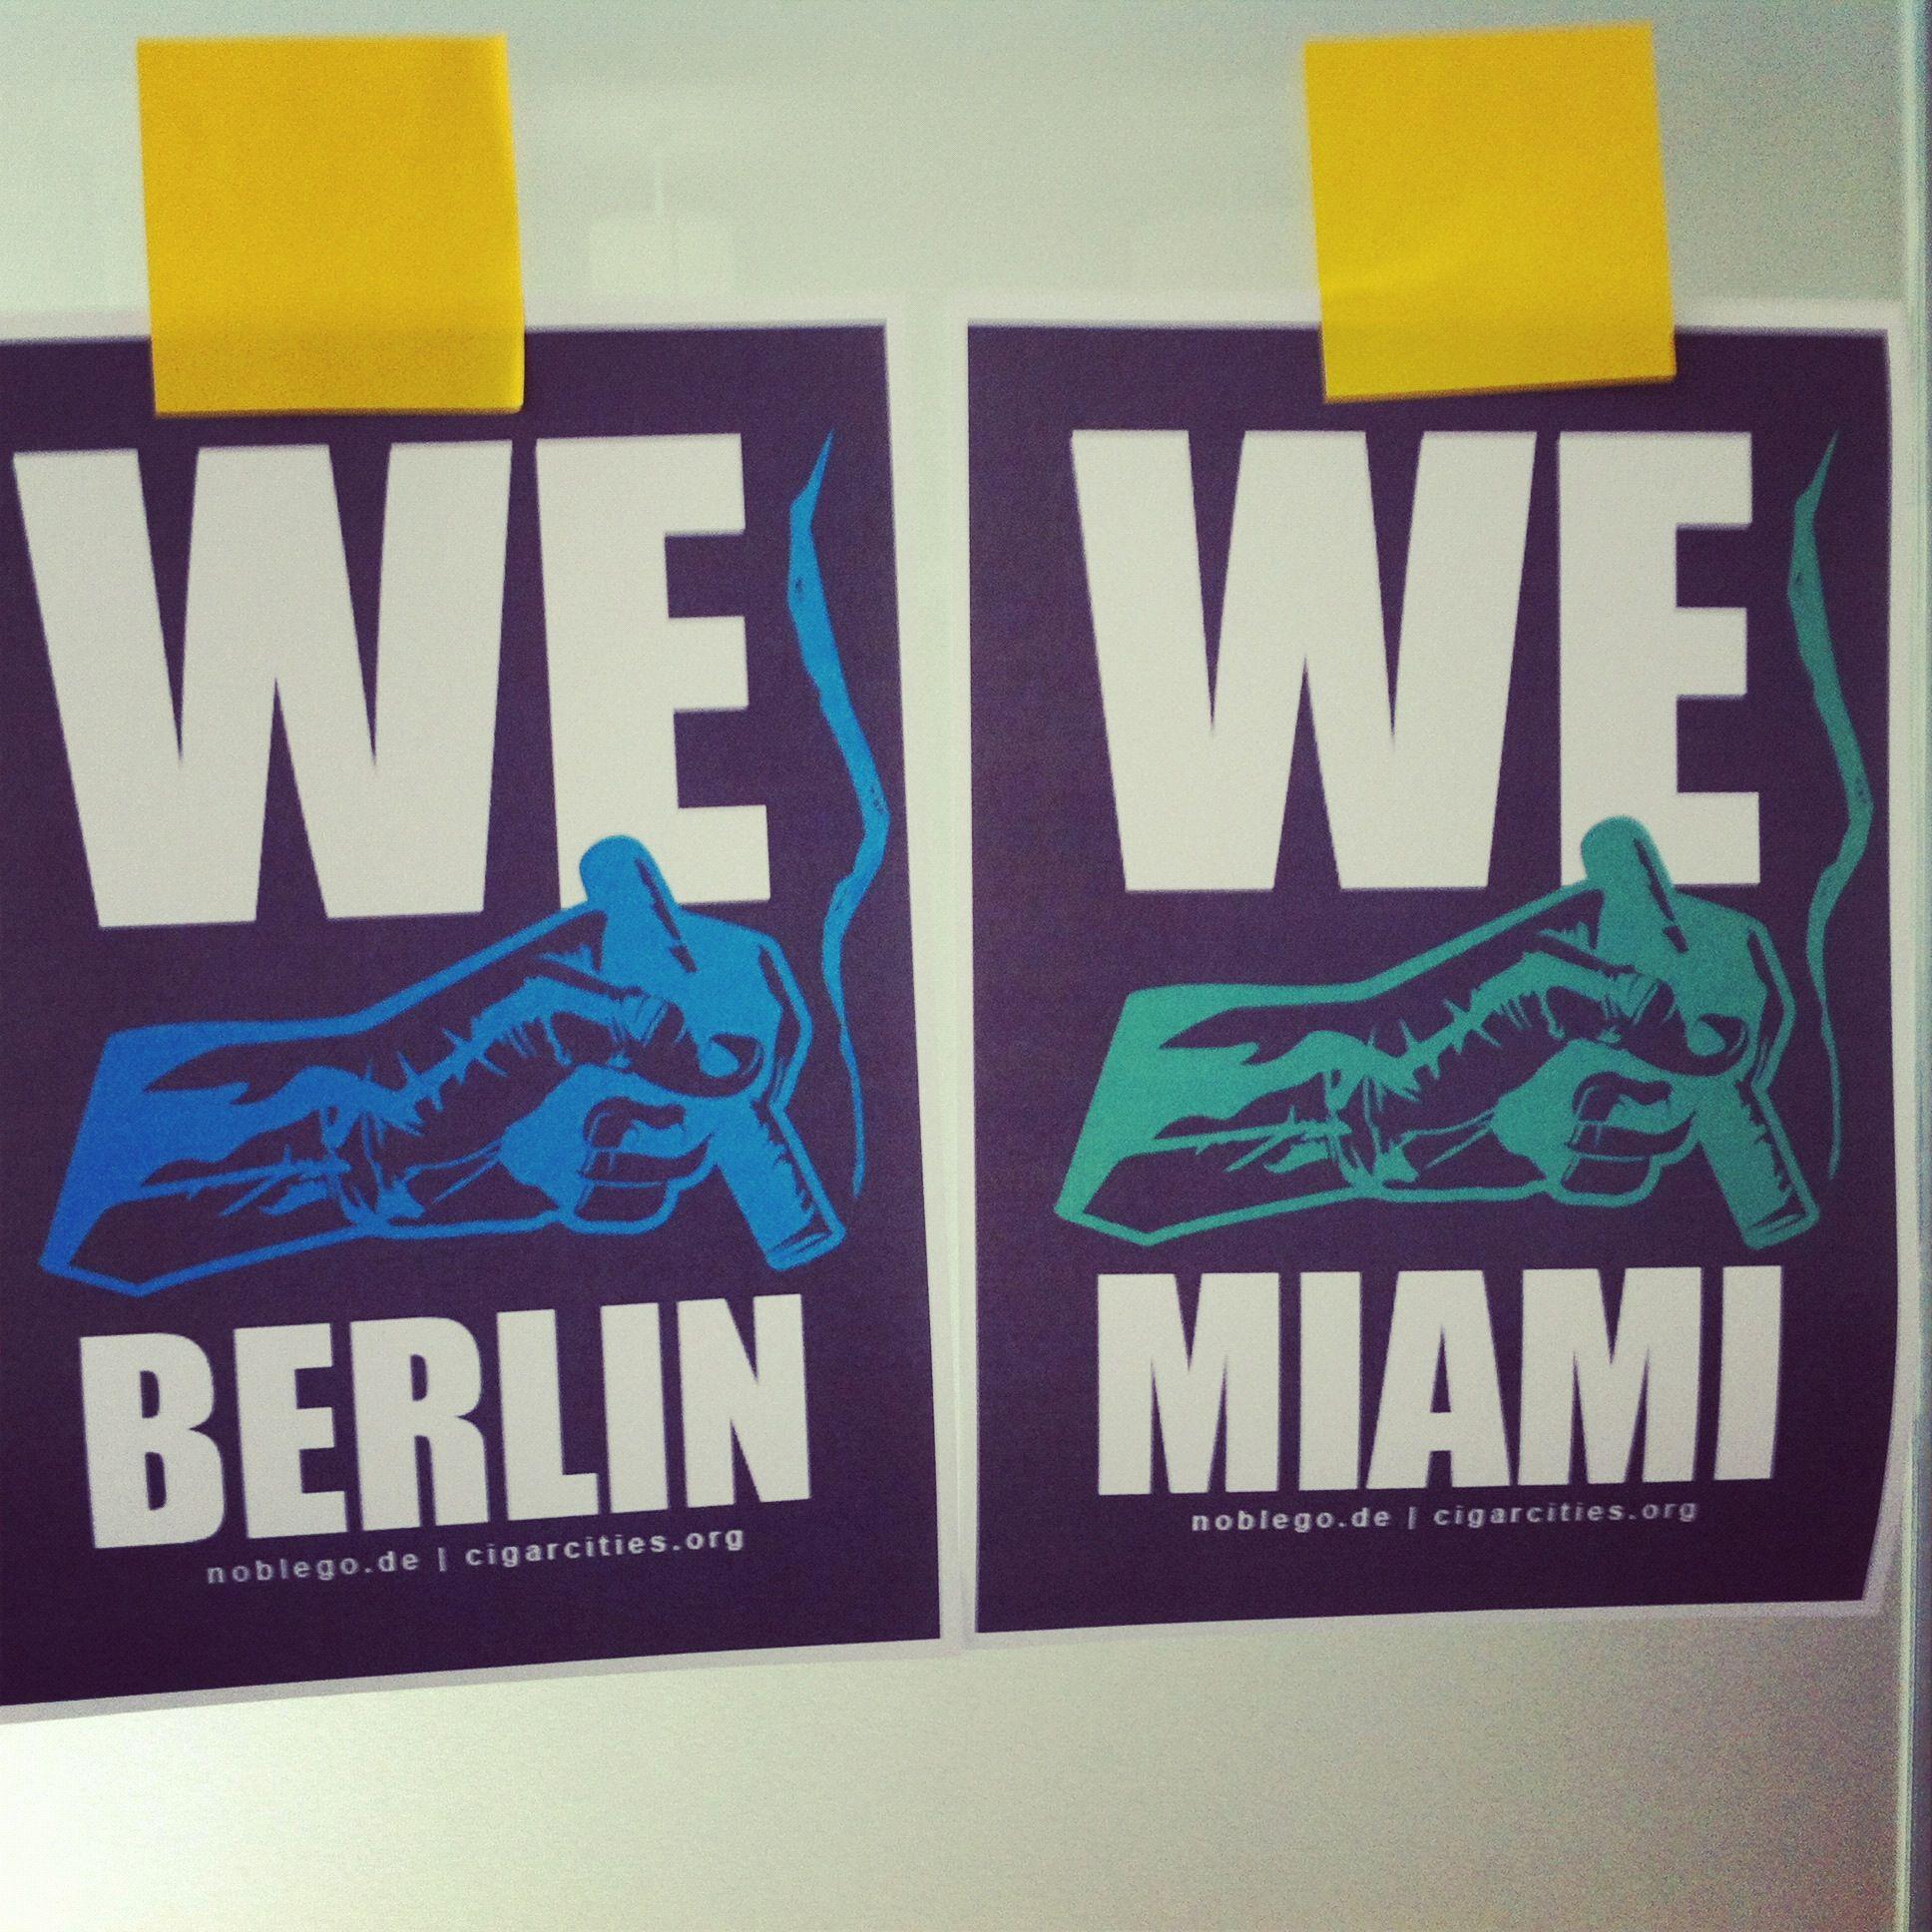 Berlin Or Miami Zigarren